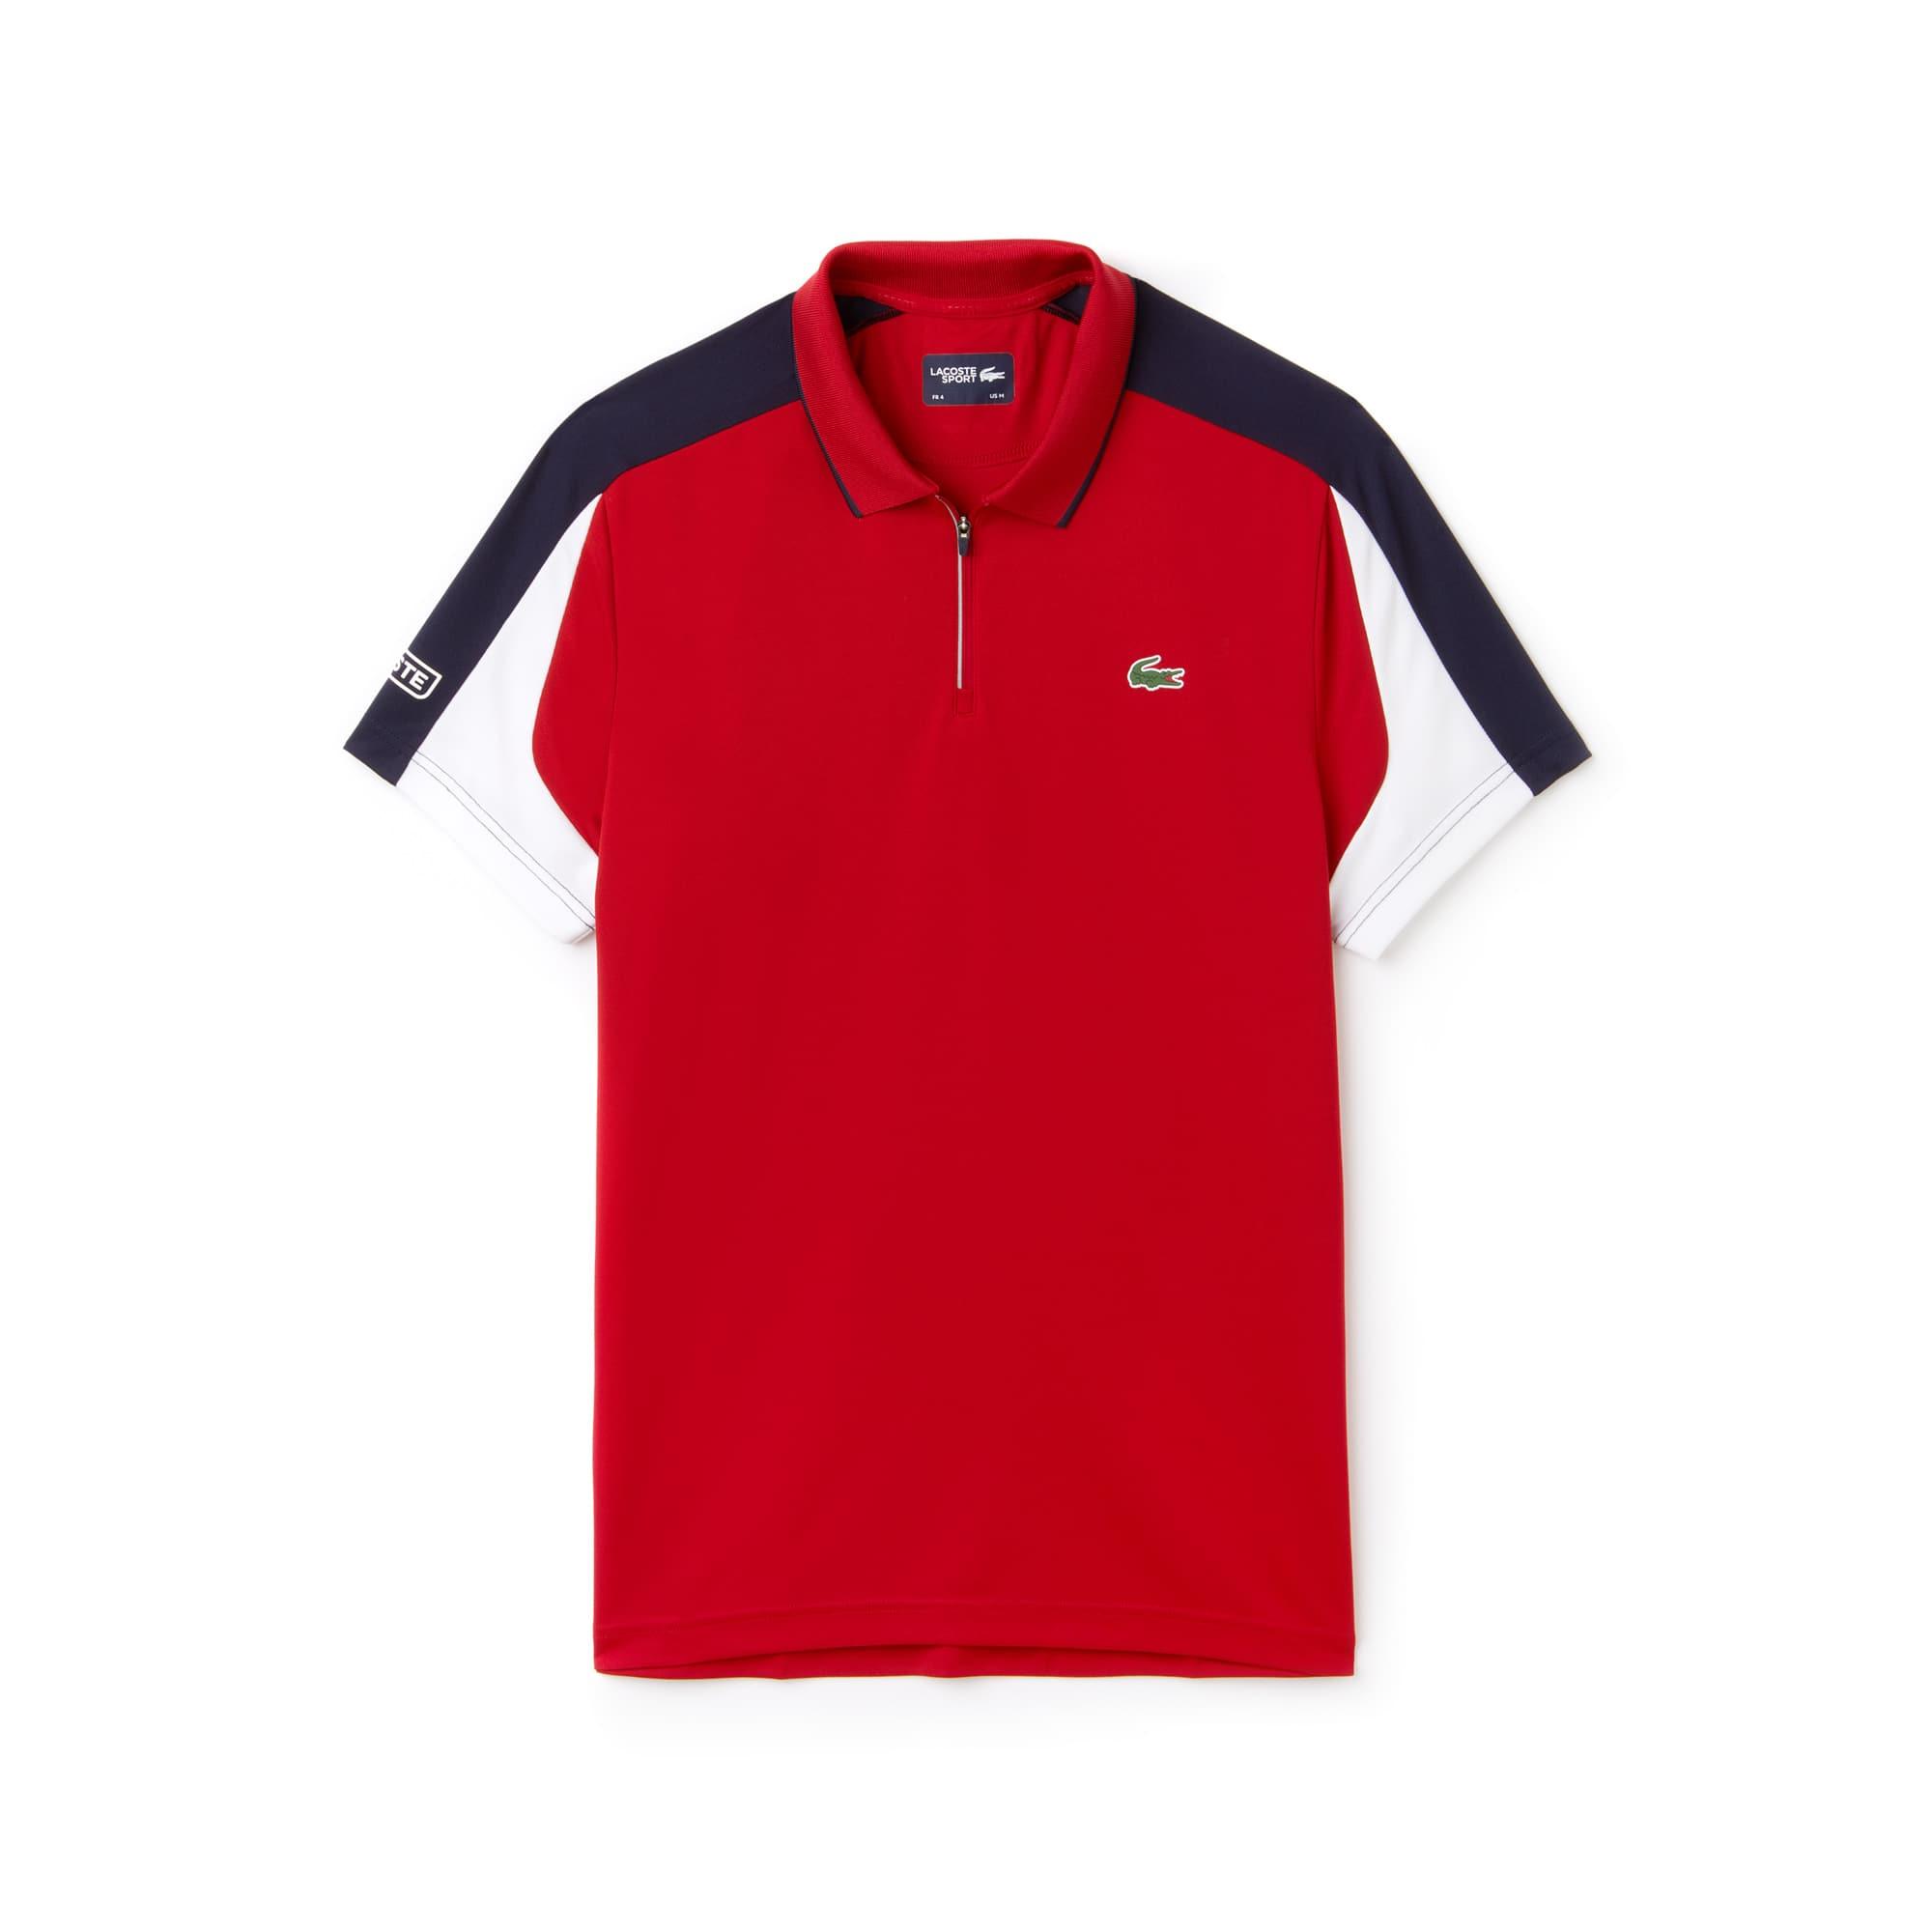 Lacoste - Polo De Hombre Lacoste SPORT Tennis En Piqué Con Franjas A Contraste Y Cuello Cerrado Con Cremallera - 3